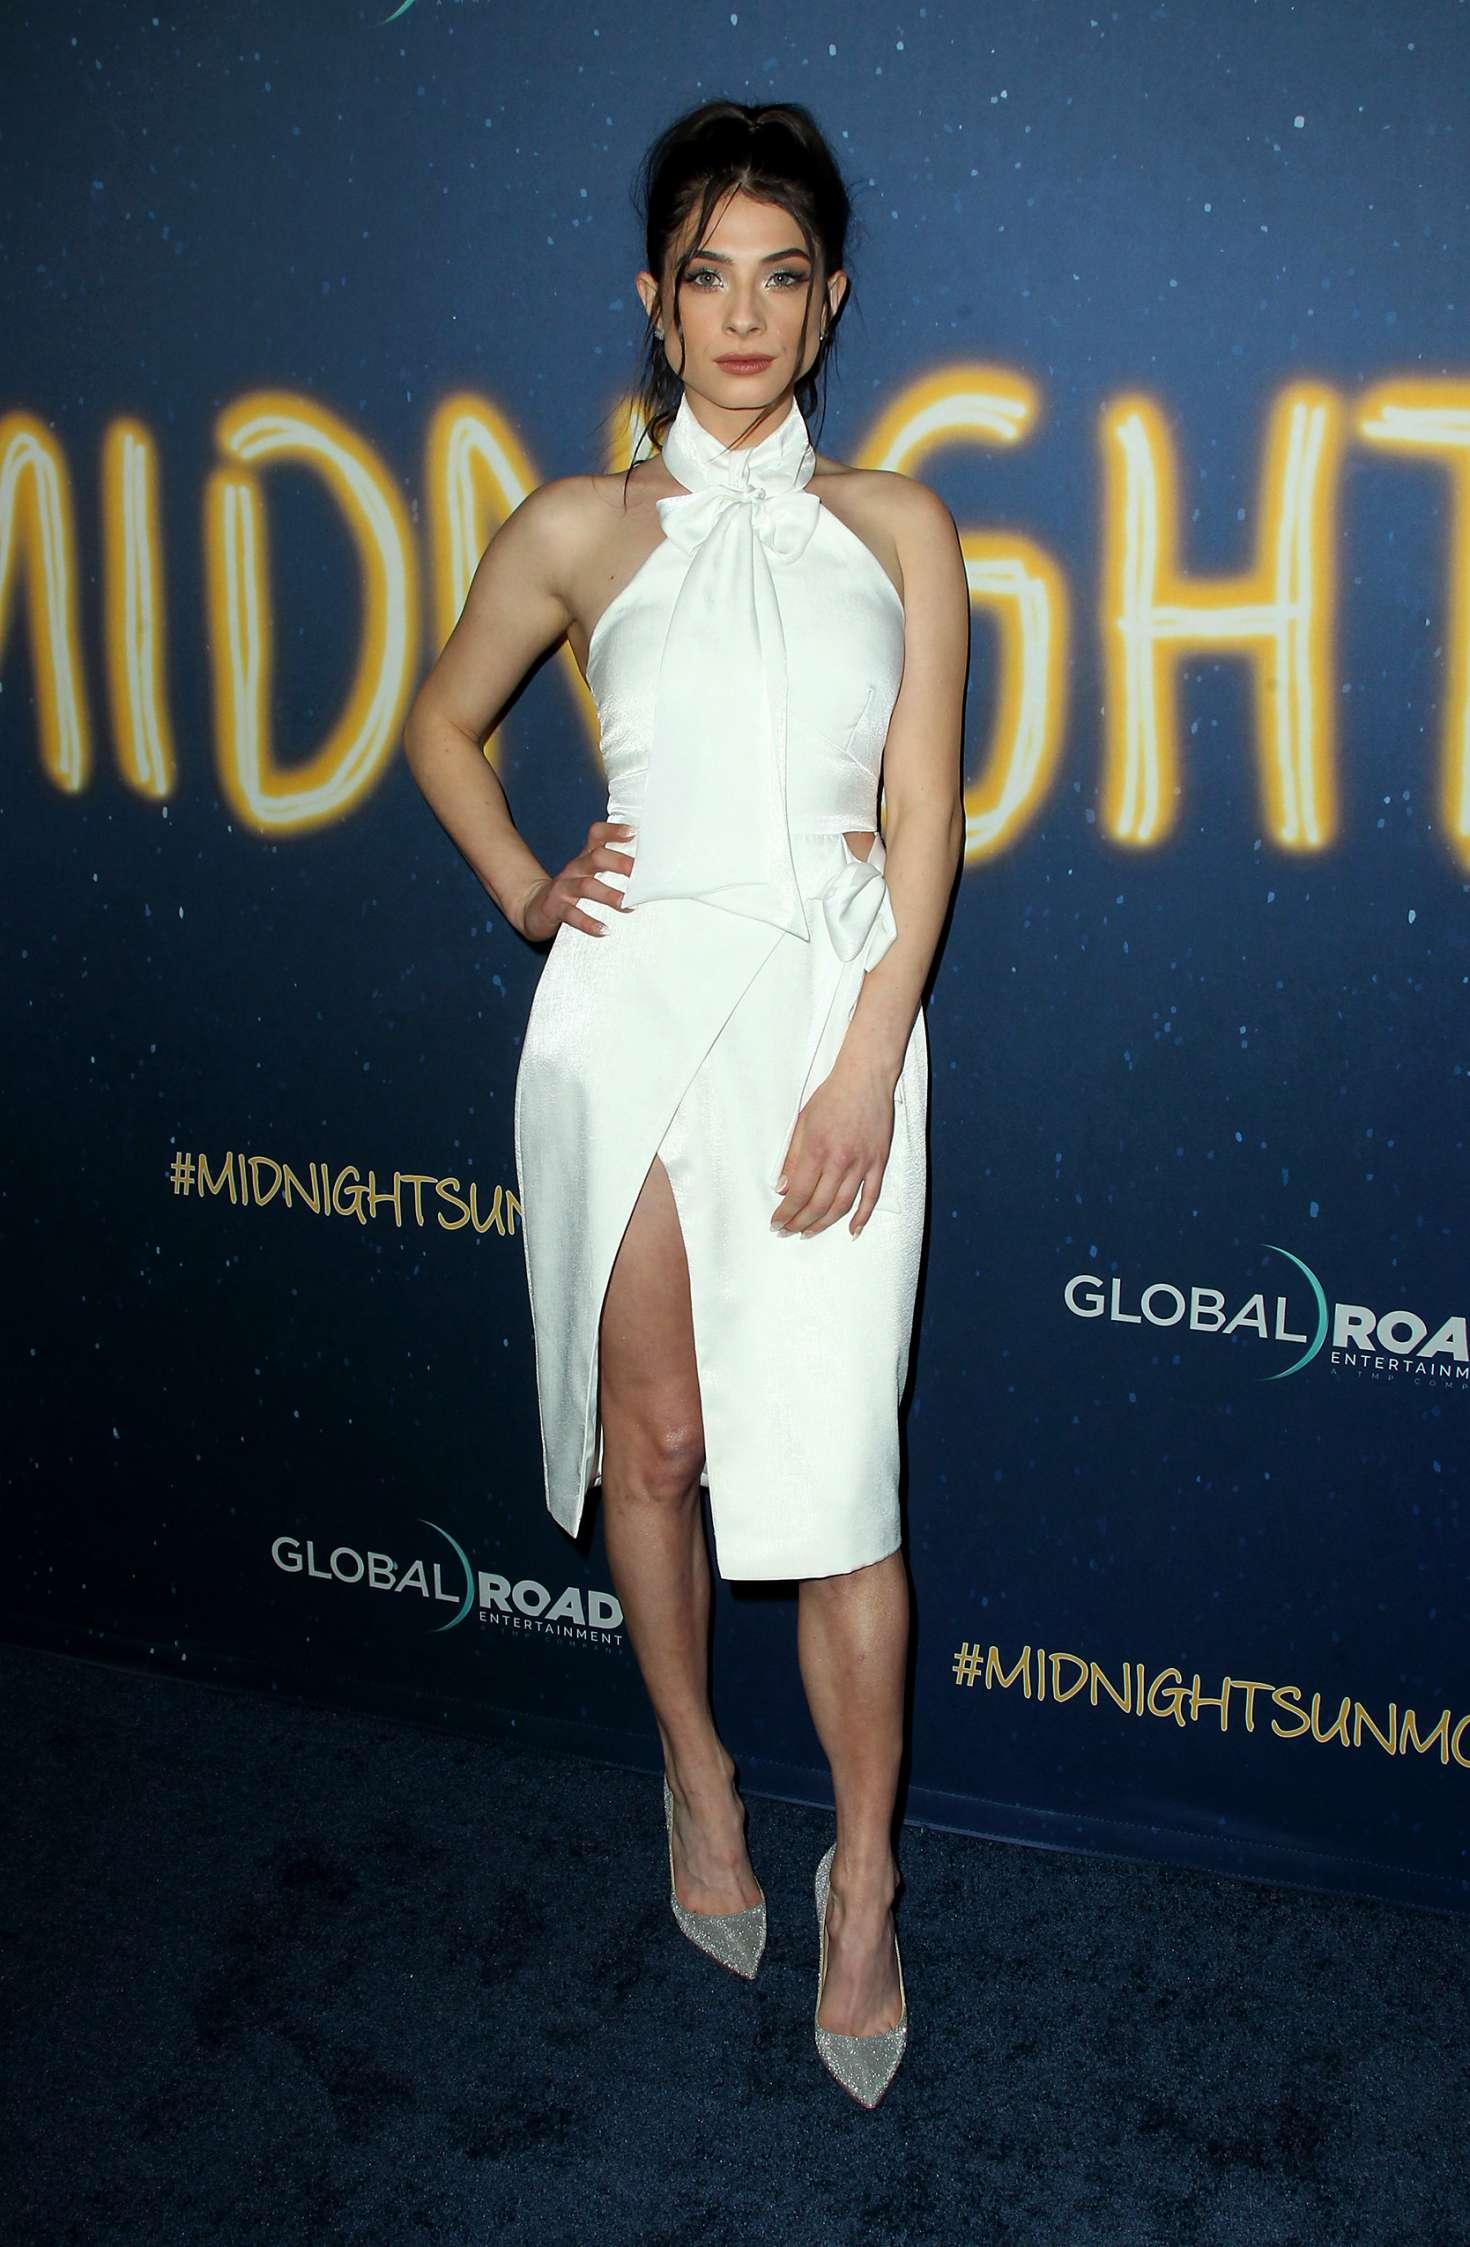 Niki Koss 2018 : Niki Koss: Midnight Sun Premiere in Los Angeles -01